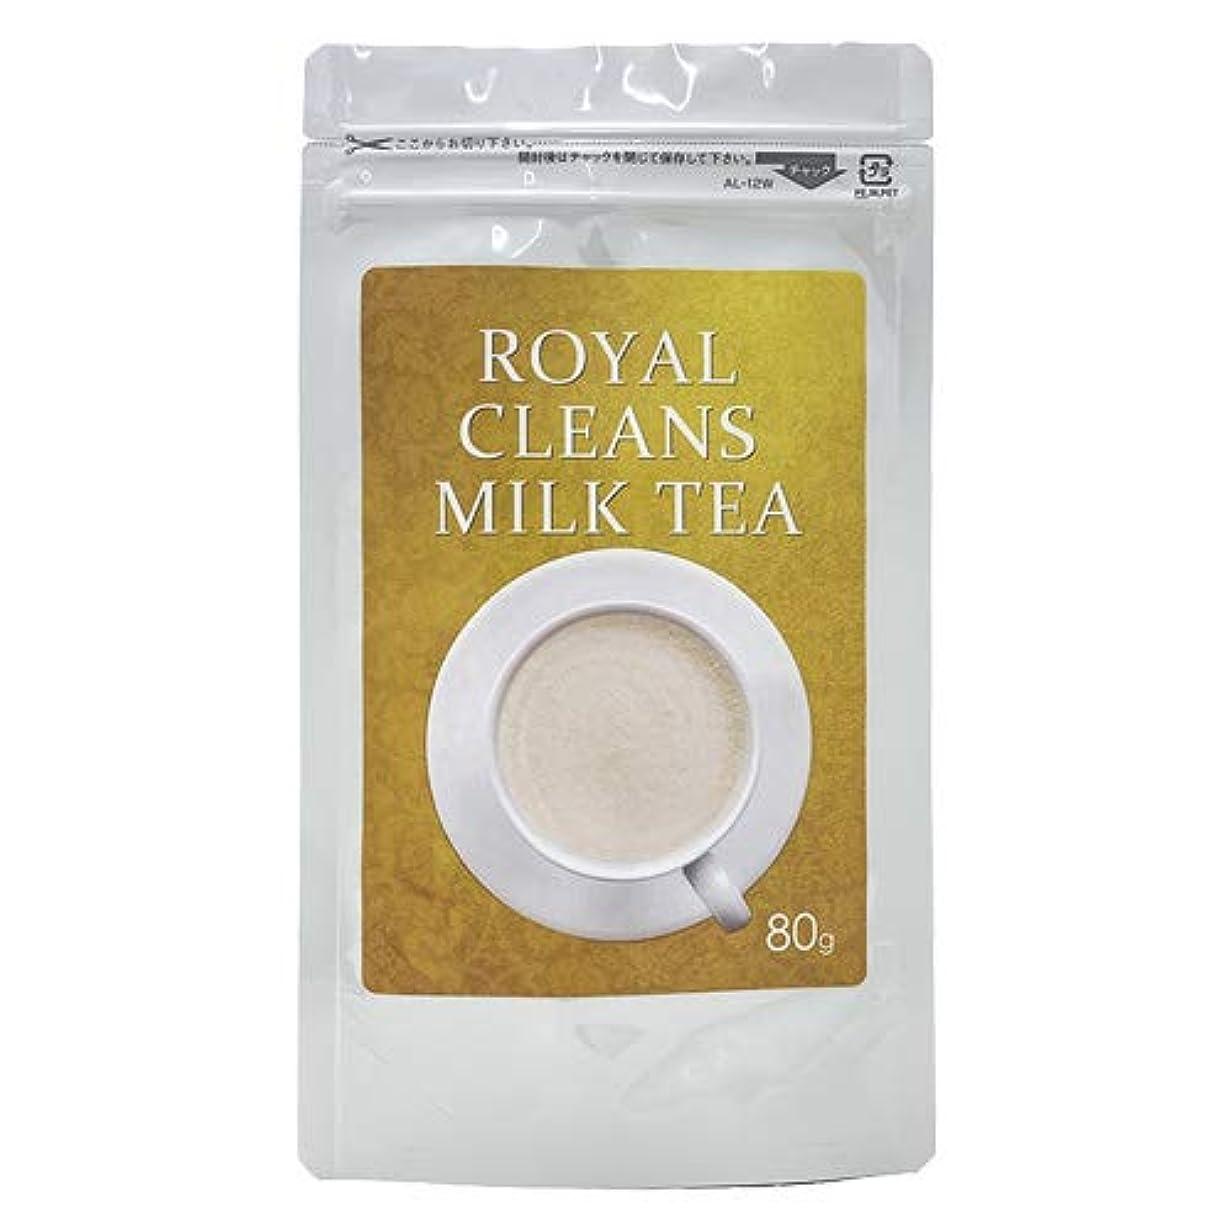 出演者近傍即席ロイヤルクレンズミルクティー/Royal cleans milk tea 80g